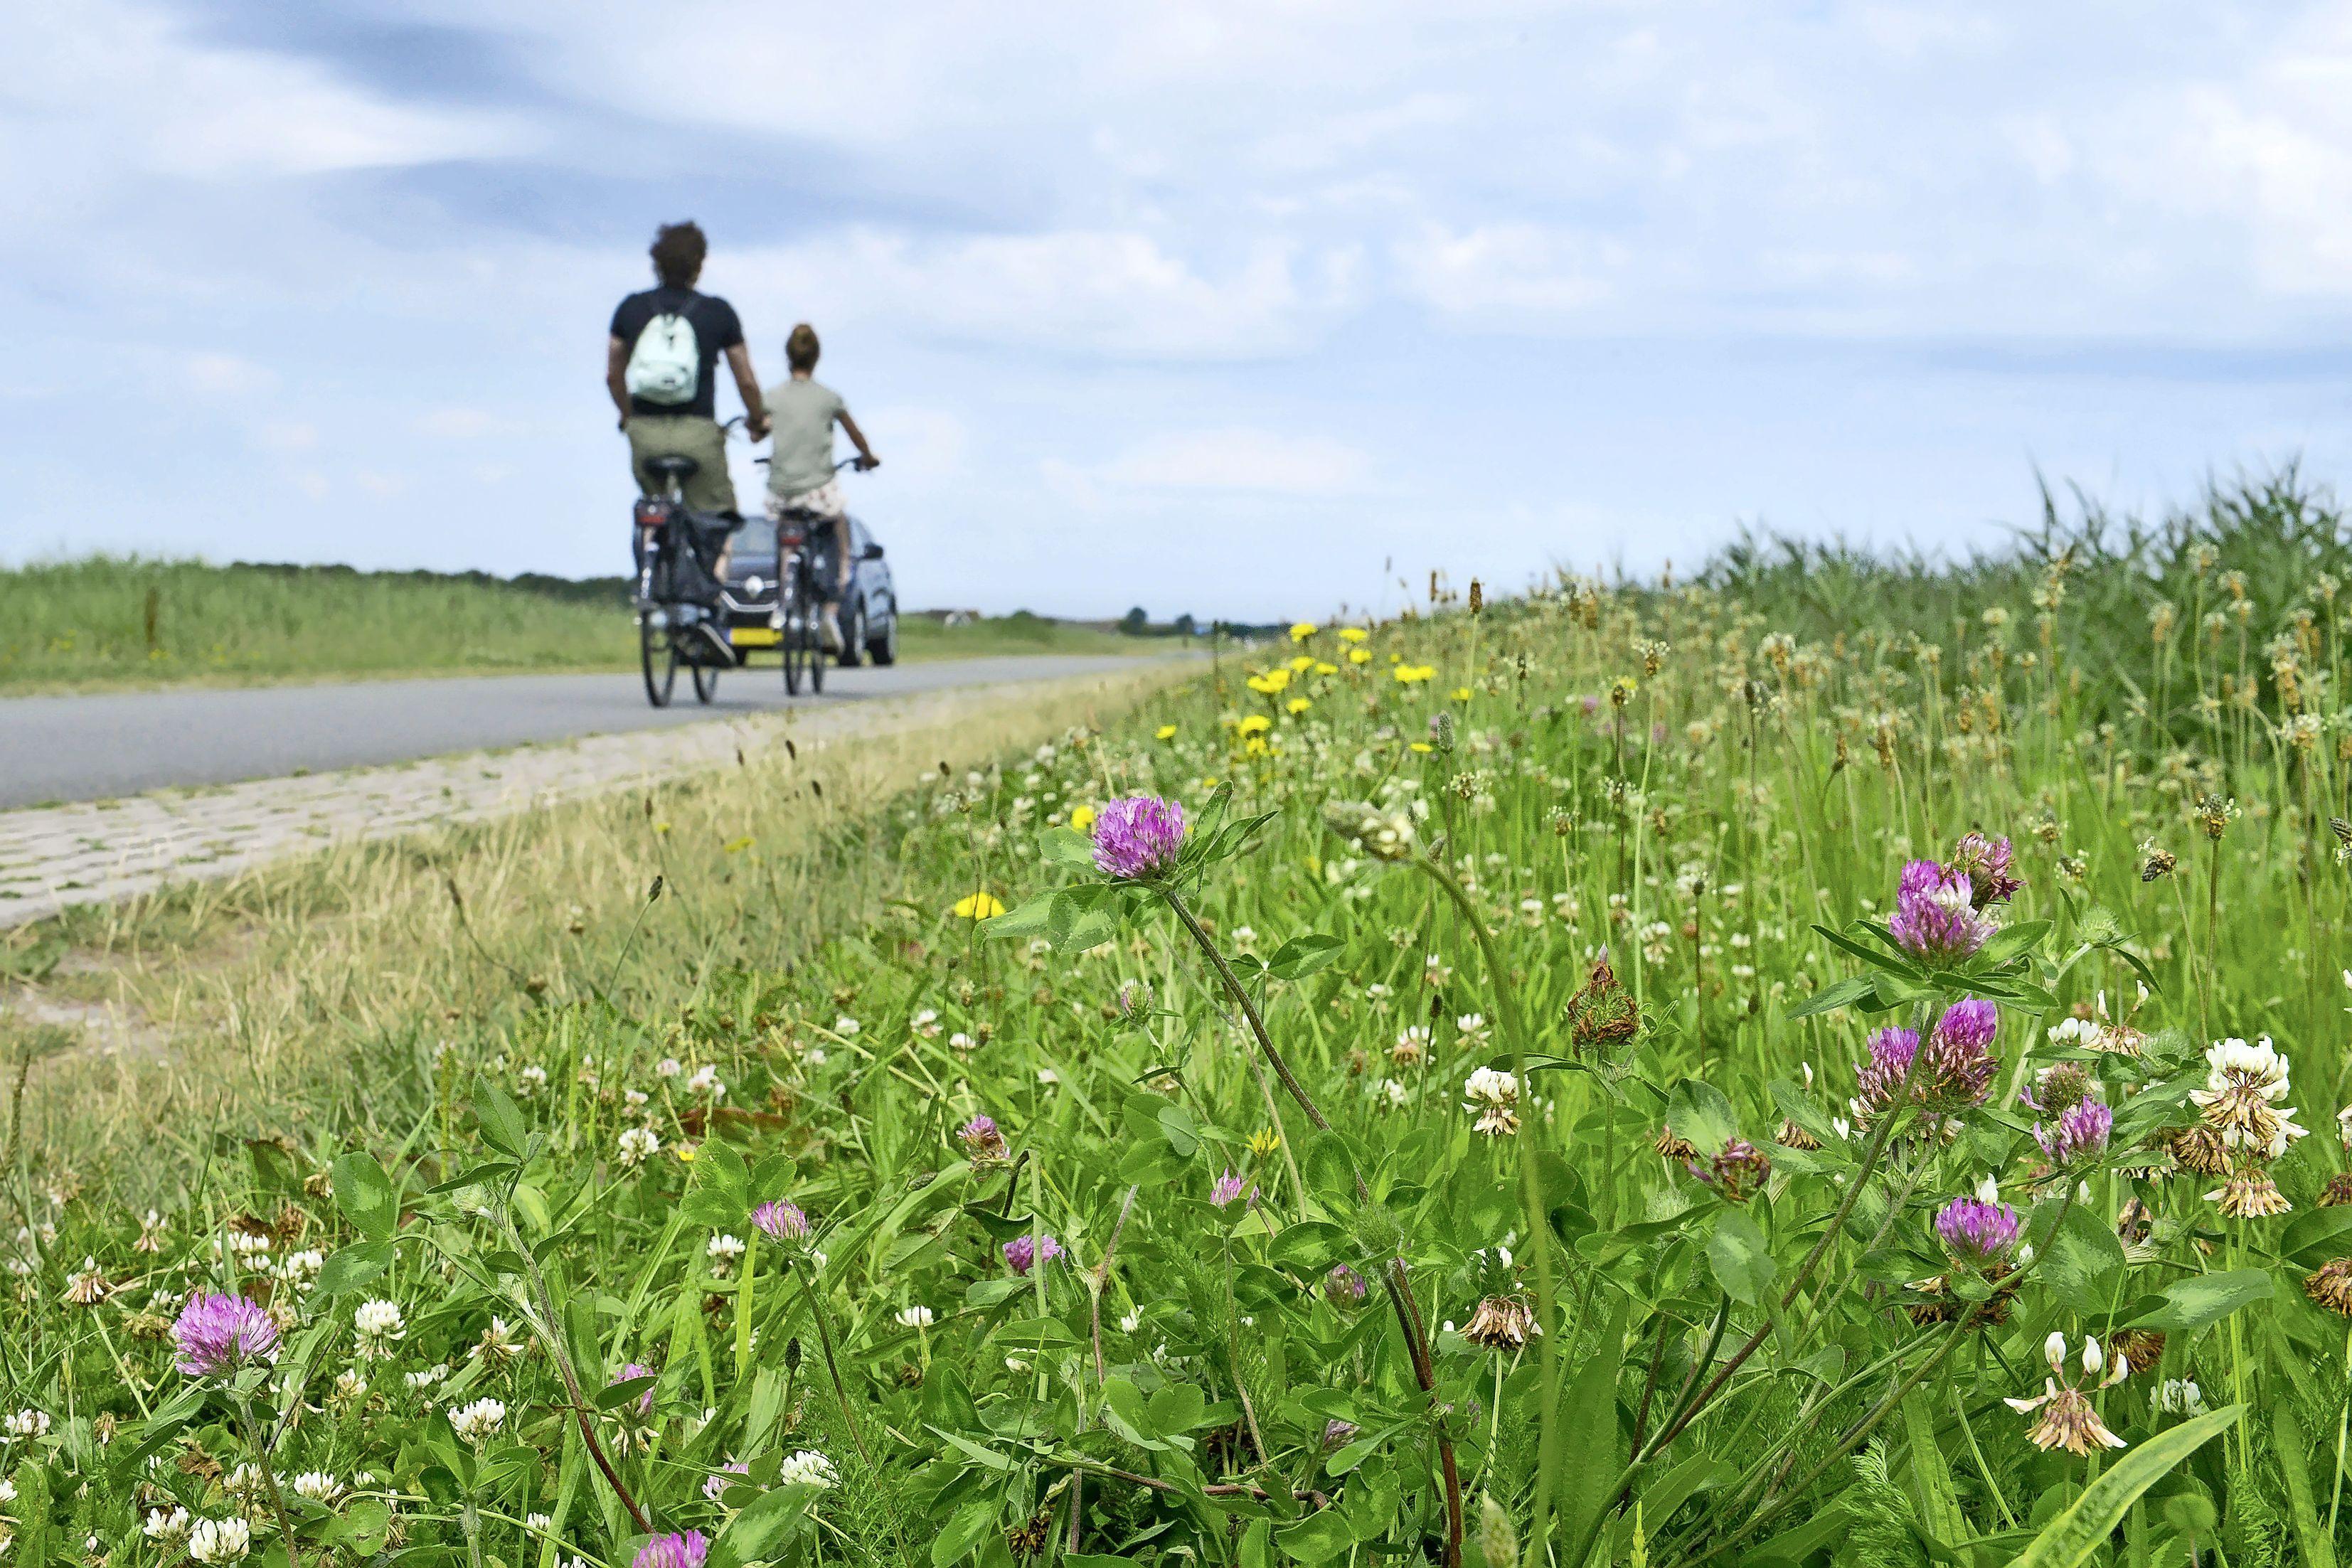 Prachtige bermen vol veldbloemen. Tot de maaier langs komt. 'Als je in deze tijd van het jaar alles plat maait, dan zorg je er in hele gebieden voor dat er geen voedsel te vinden is'